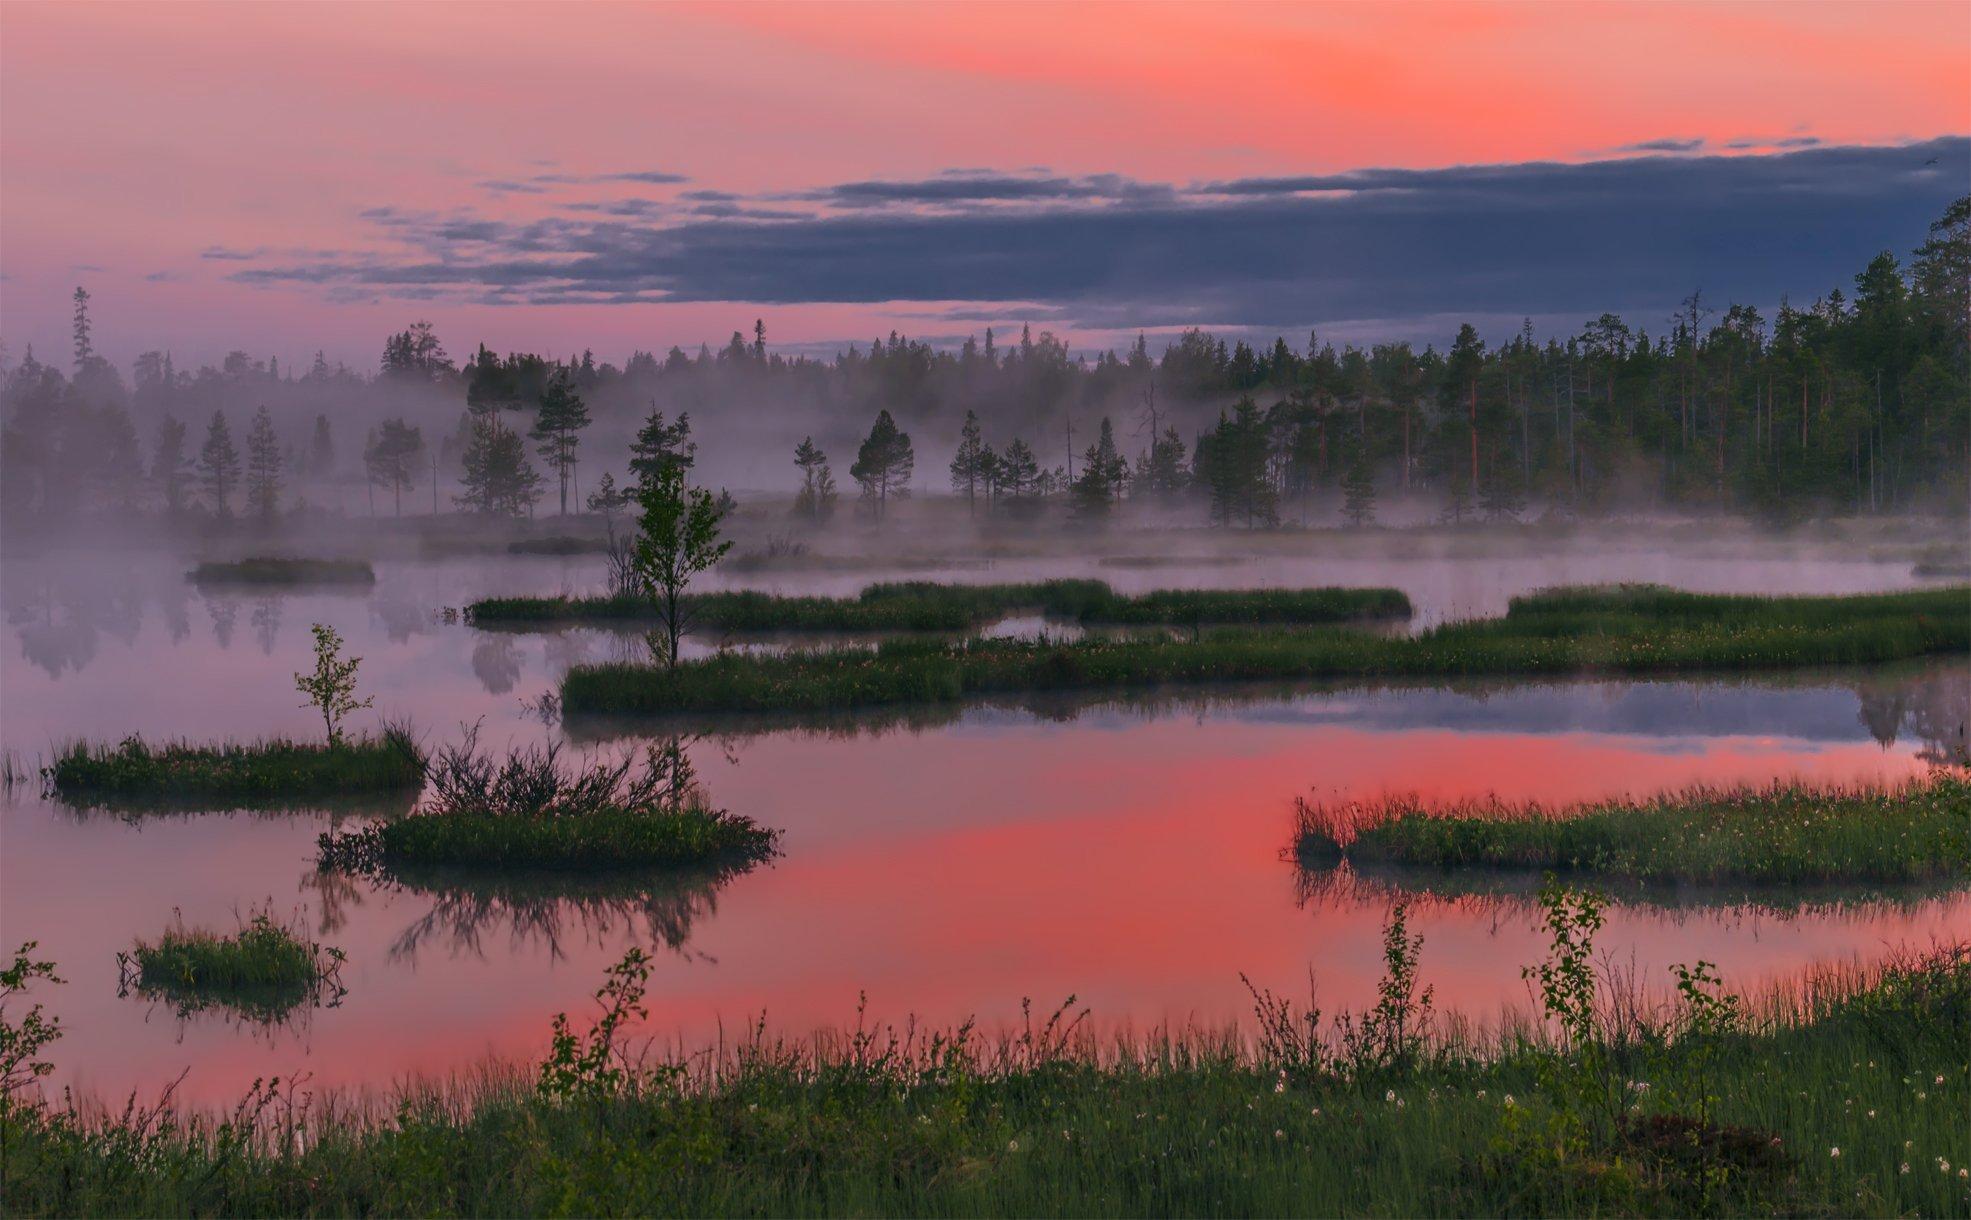 природа, пейзаж, карелия, панорама, утро, восход, рассвет, болото, туман, остров,, Альберт Беляев